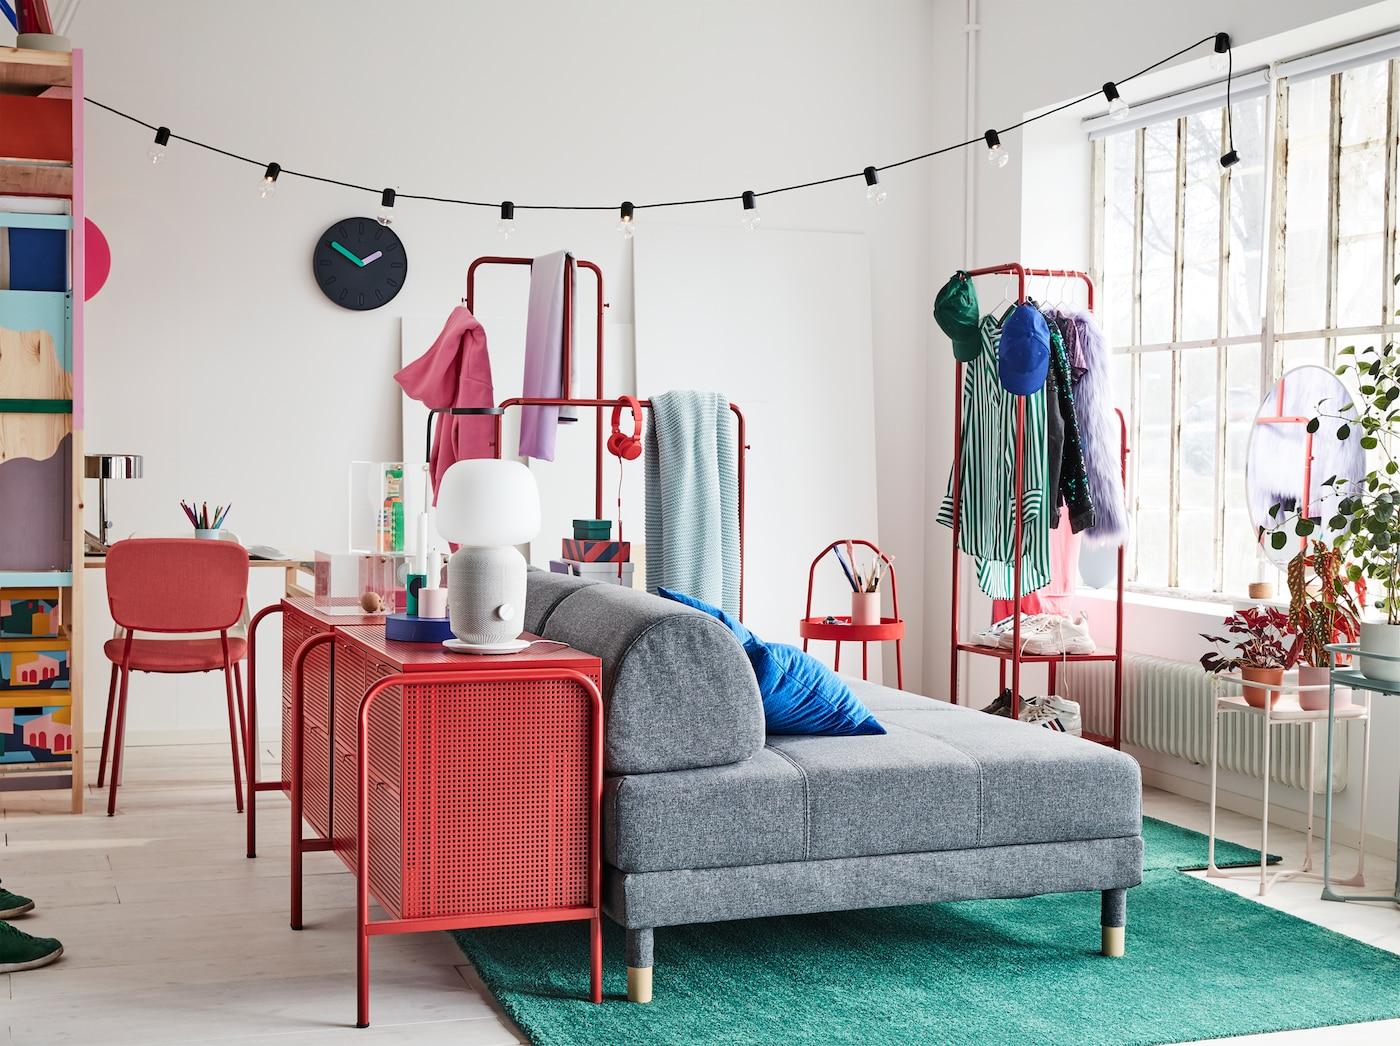 Barevná ložnice s šedou pohovkou, zelenými koberci a červenou komodou